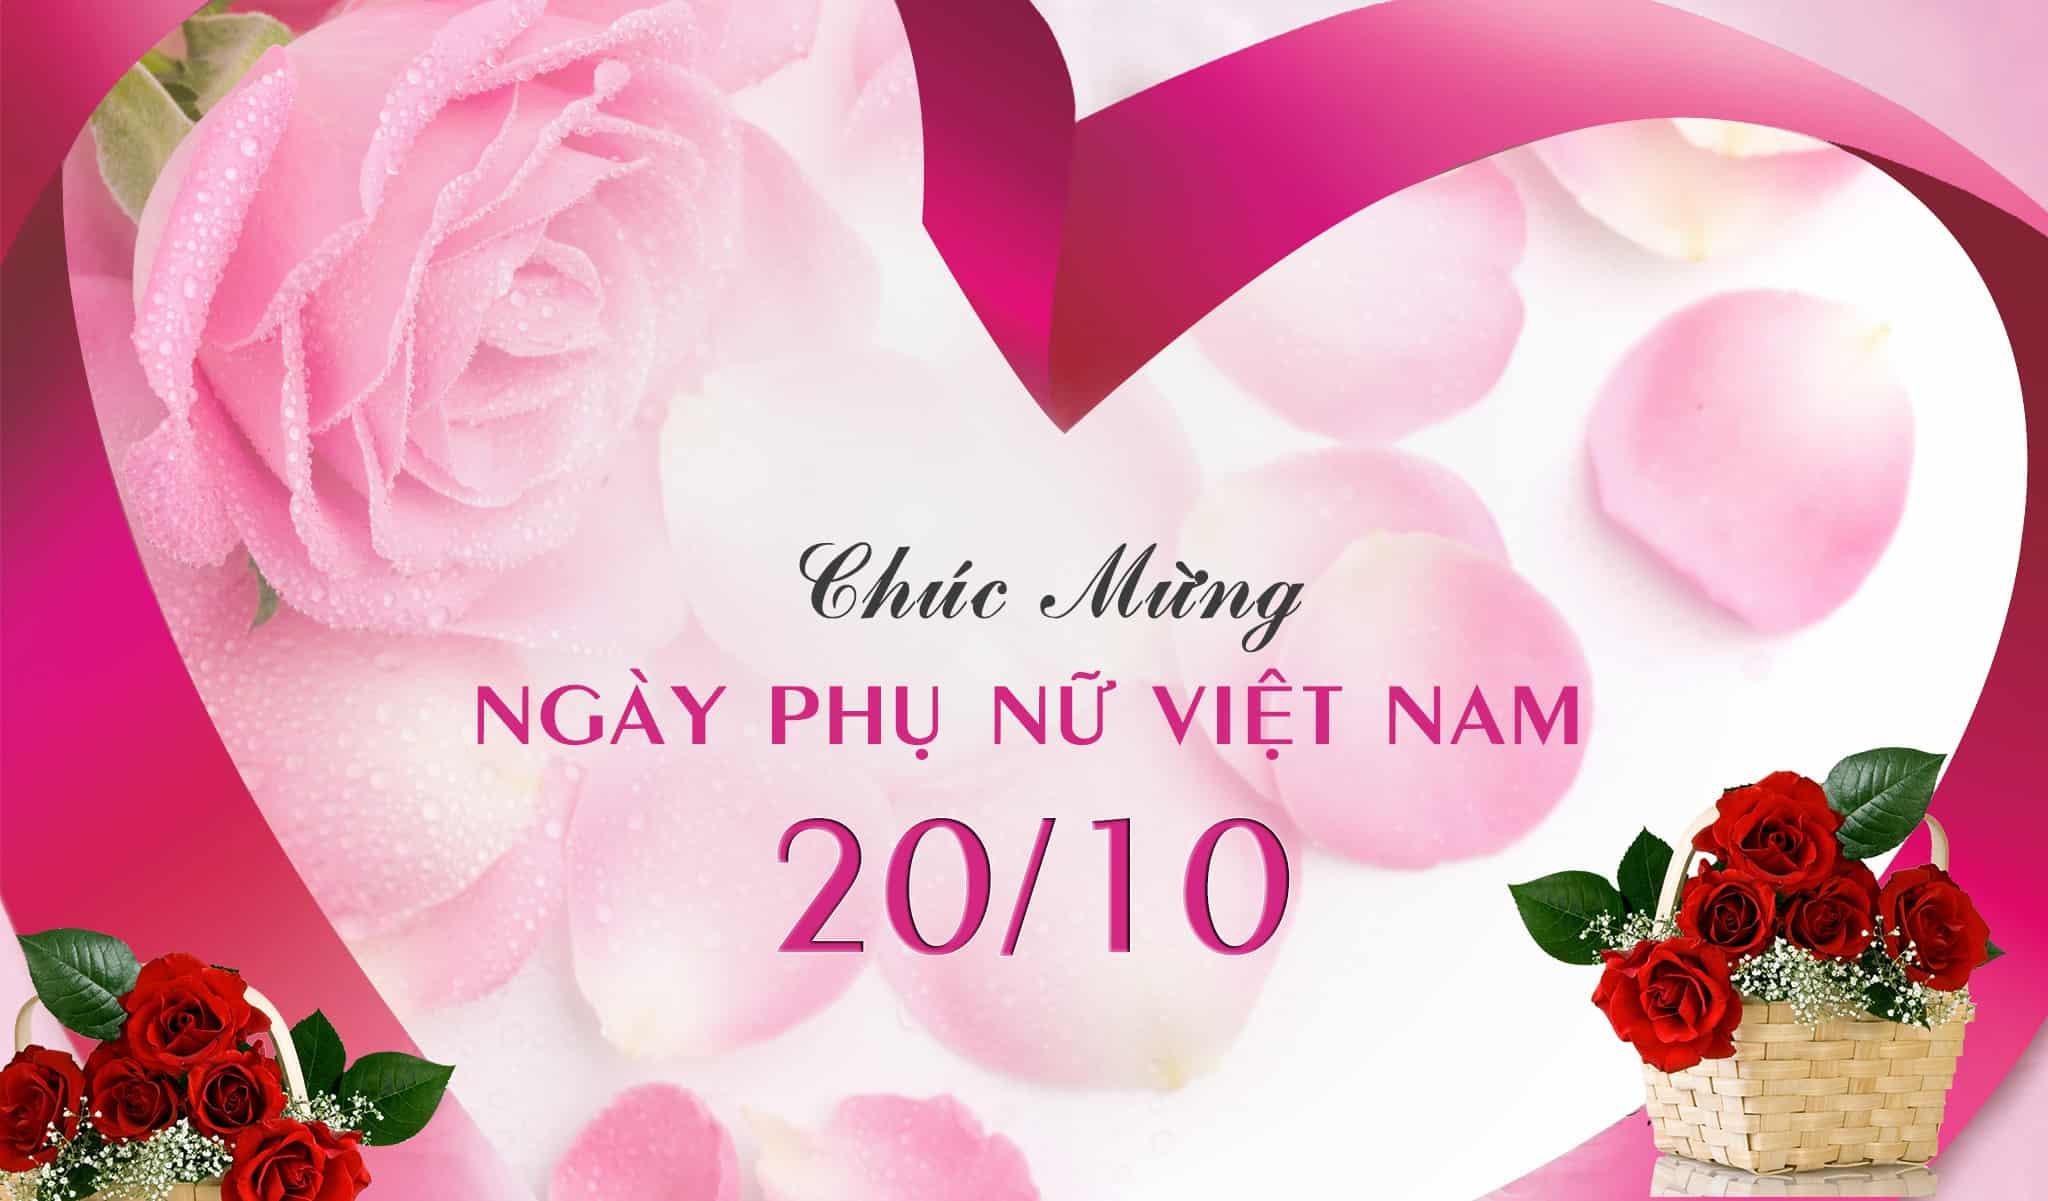 Trang thơ nhân ngày Phụ nữ Việt Nam (20 -10)